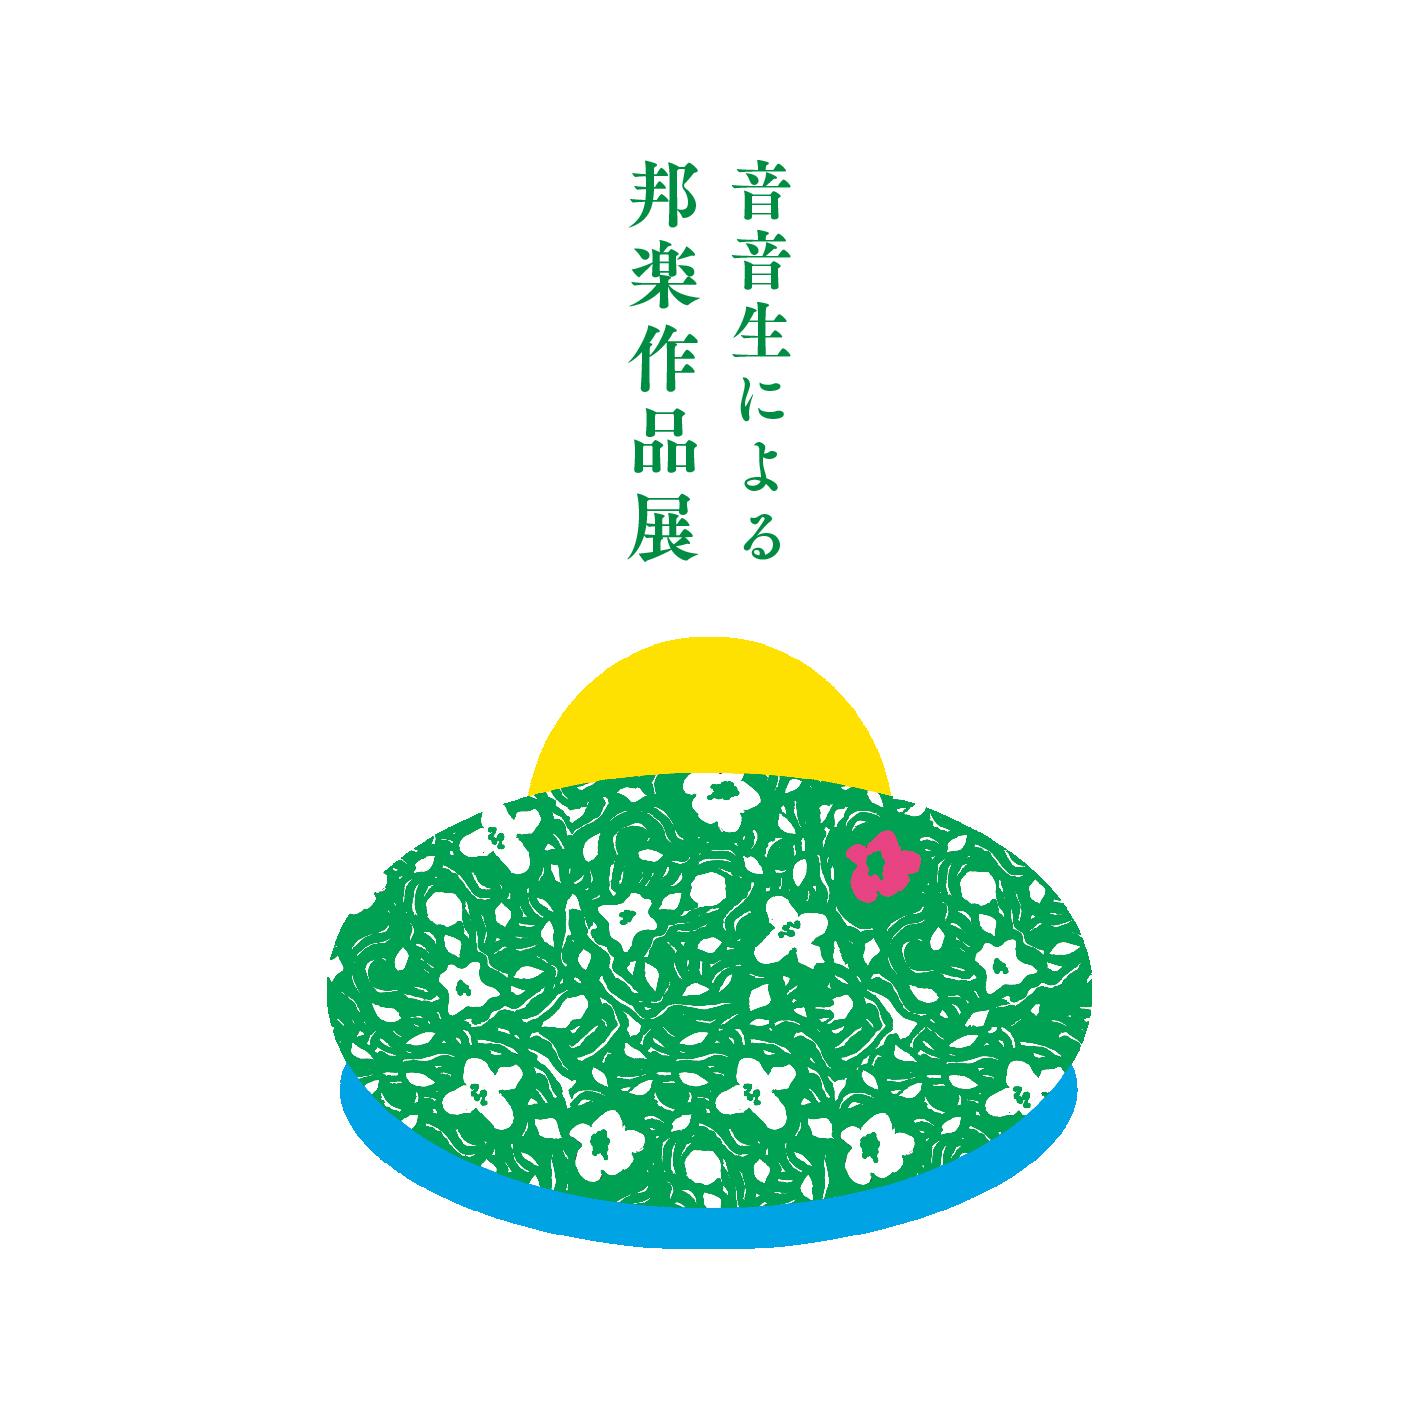 音音生による邦楽作品(2016) 曲「蕩かす淡島」  rhapsodie musique (Tokyo)  → info